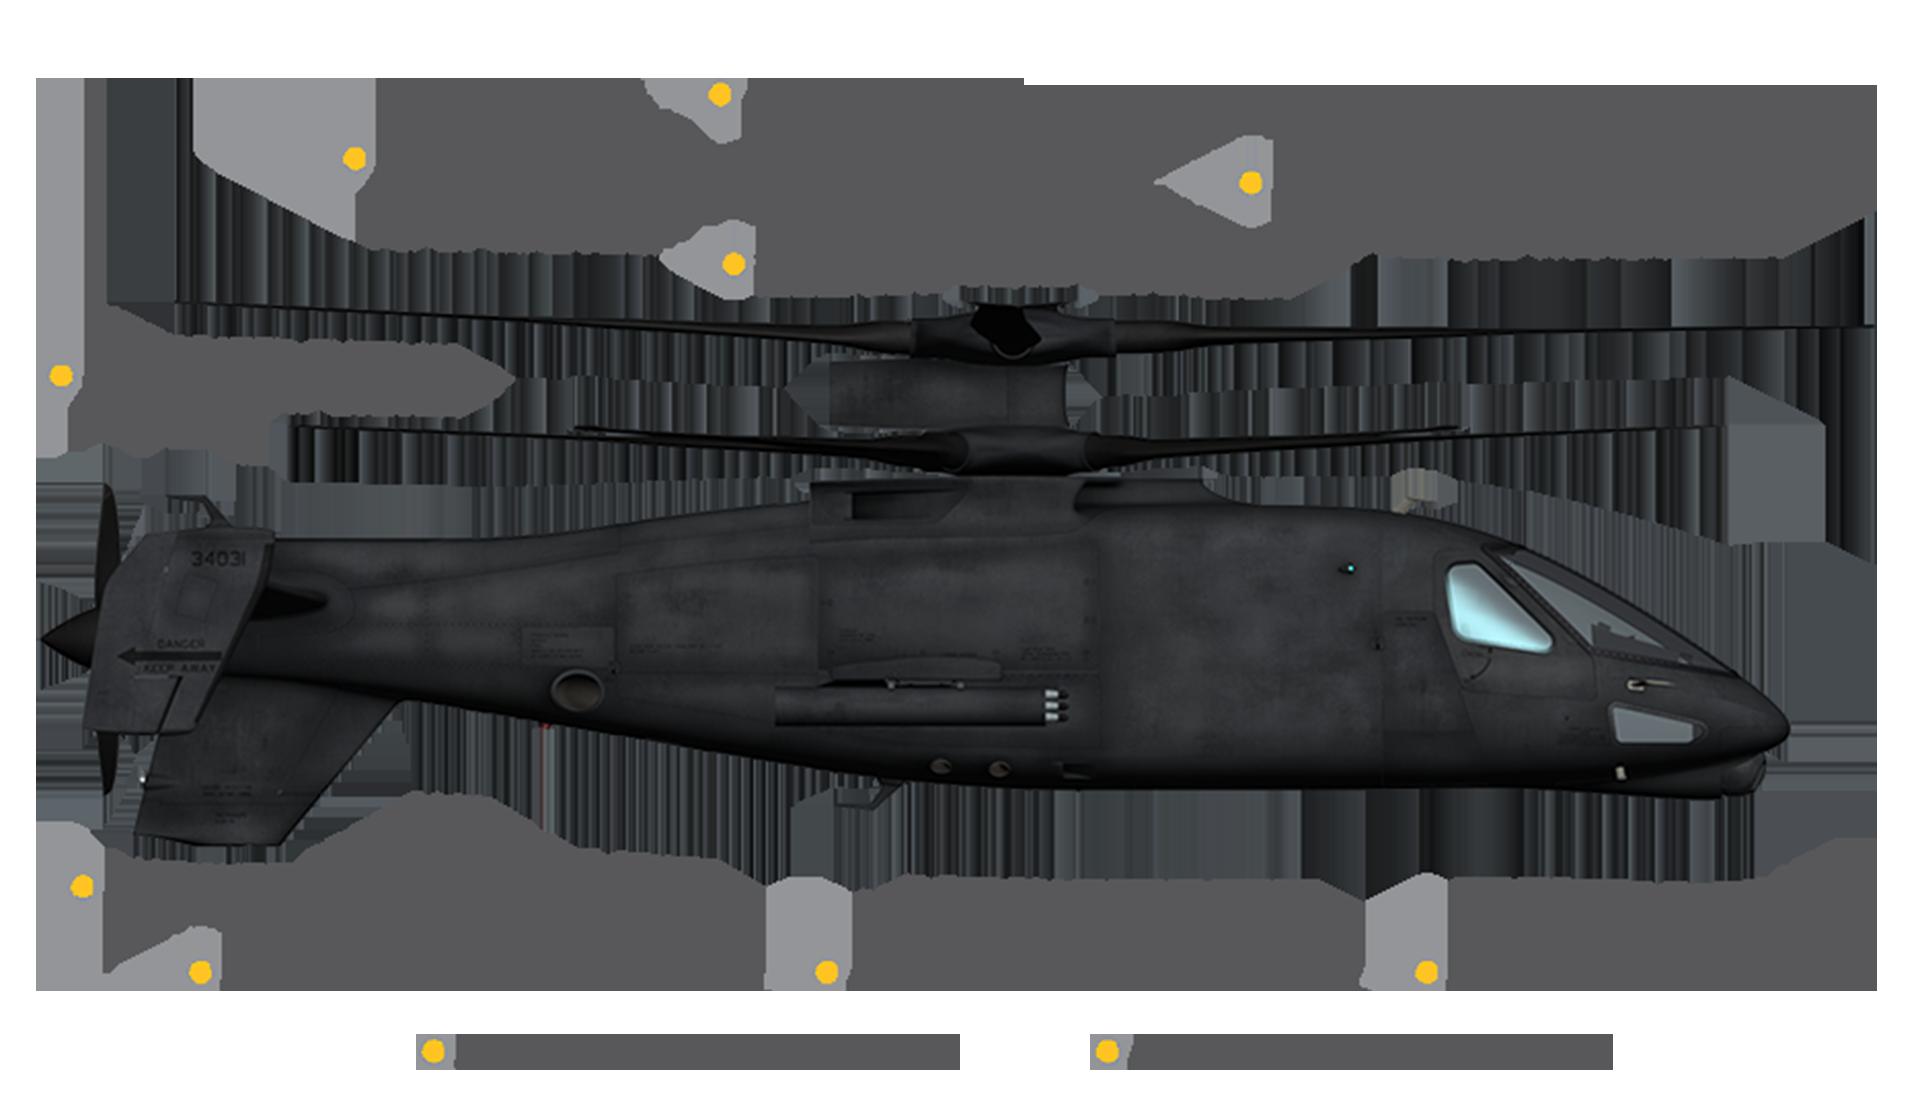 S-97 RAIDER® Demonstrator   Lockheed Martin